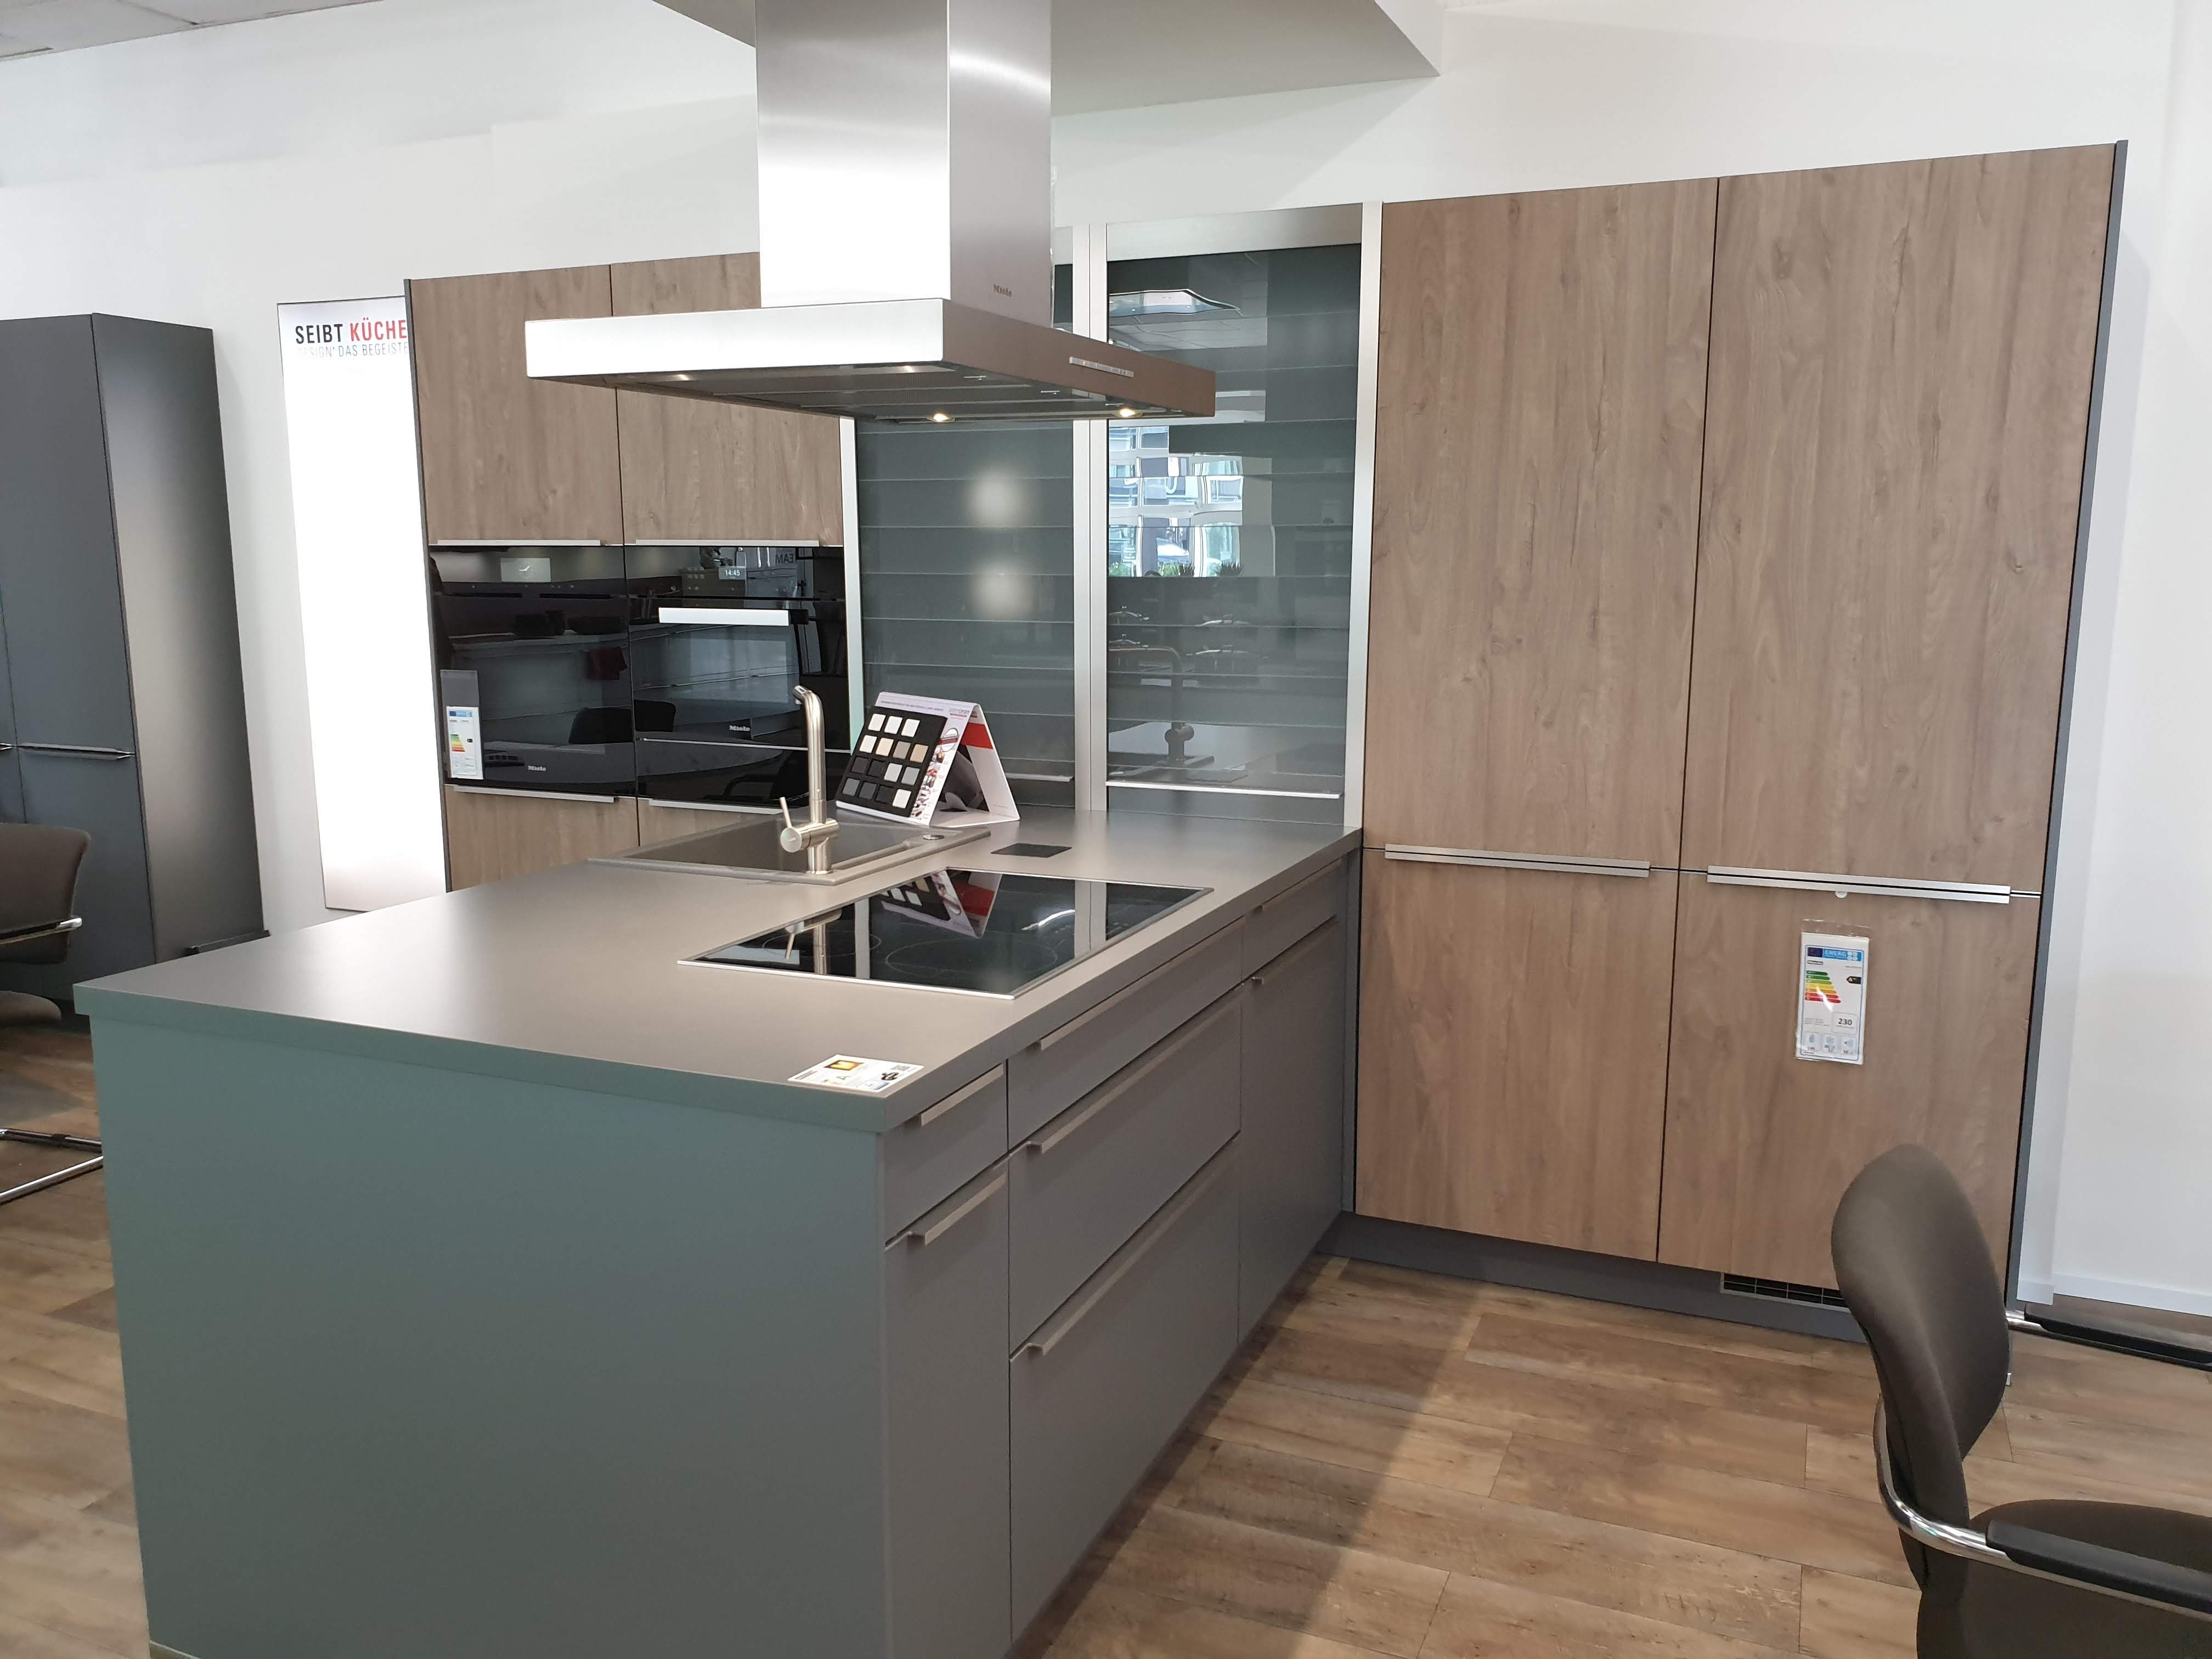 Seibt Küchen: Küchenstudio in 20 Herford